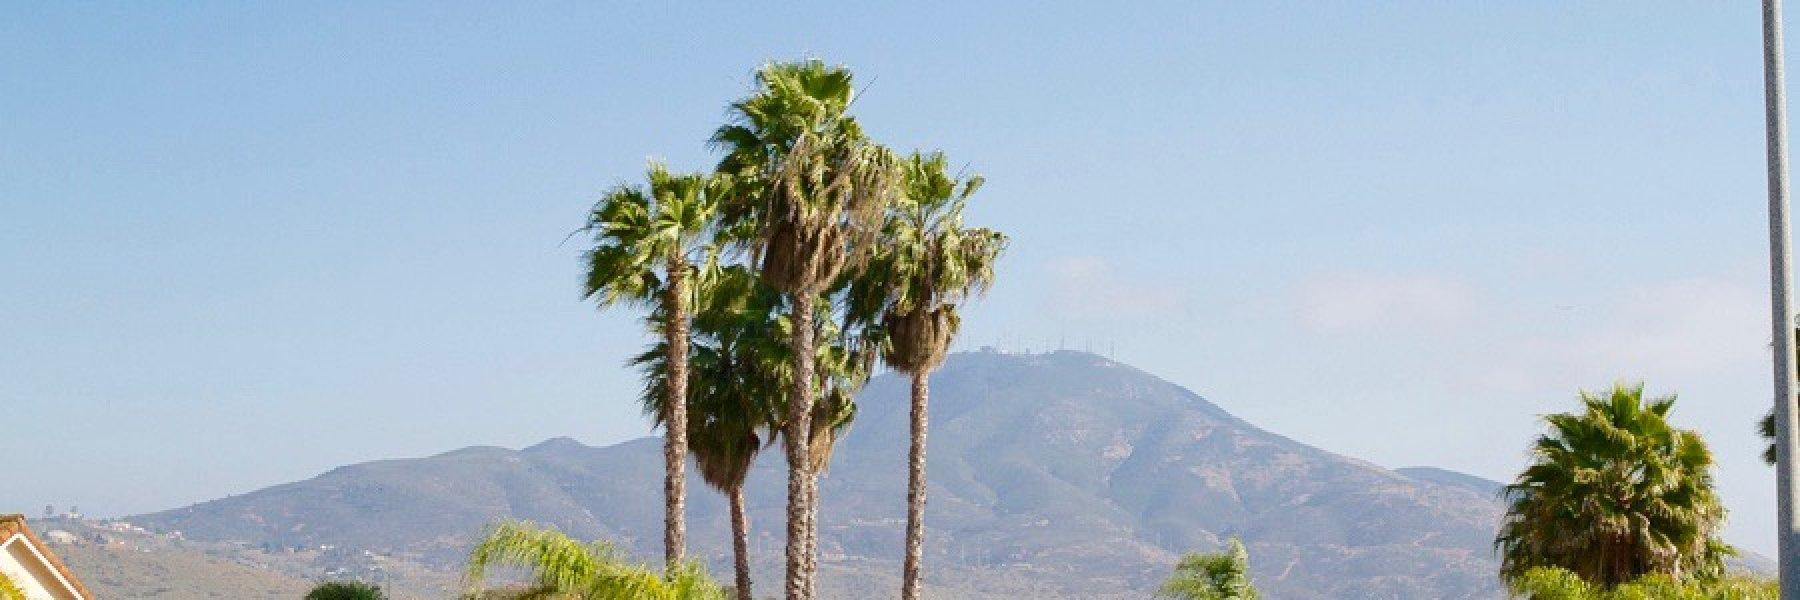 Rancho San Diego Community of Homes in El Cajon